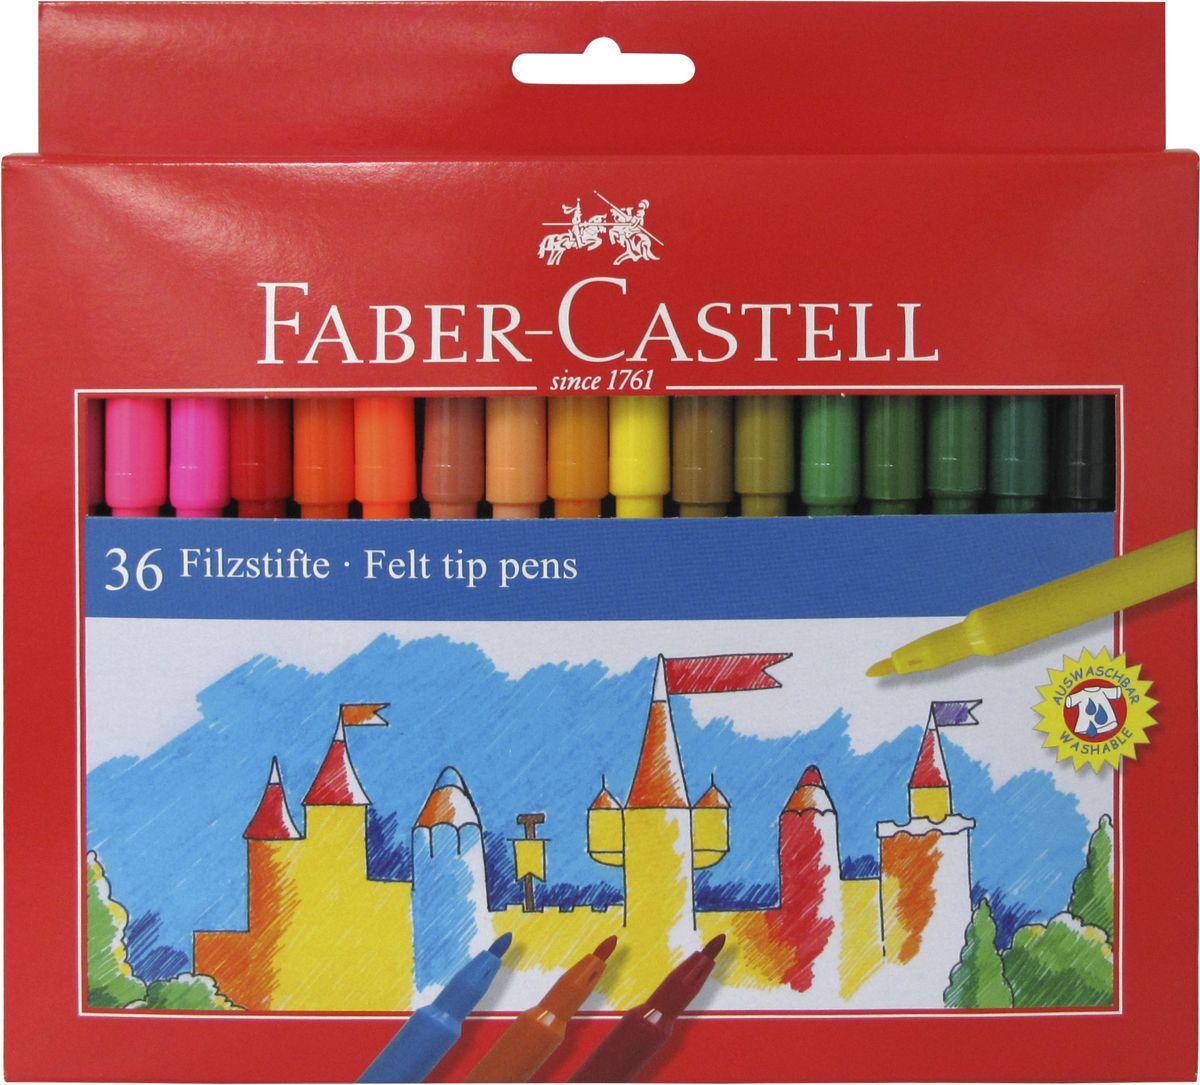 Faber-Castell Фломастеры 36 цветов554236Фломастеры Faber-Castell помогут маленькому художнику раскрыть свой творческий потенциал, рисовать и раскрашивать яркие картинки, развивая воображение, мелкую моторику и цветовосприятие. В наборе 36 разноцветных фломастеров. Корпусы выполнены из пластика. Чернила на водной основе окрашены с использованием пищевых красителей, благодаря чему они полностью безопасны для ребенка и имеют яркие, насыщенные цвета. Если маленький художник запачкался - не беда, ведь фломастеры отстирываются с большинства тканей. Вентилируемый колпачок надолго сохранит яркость цветов.